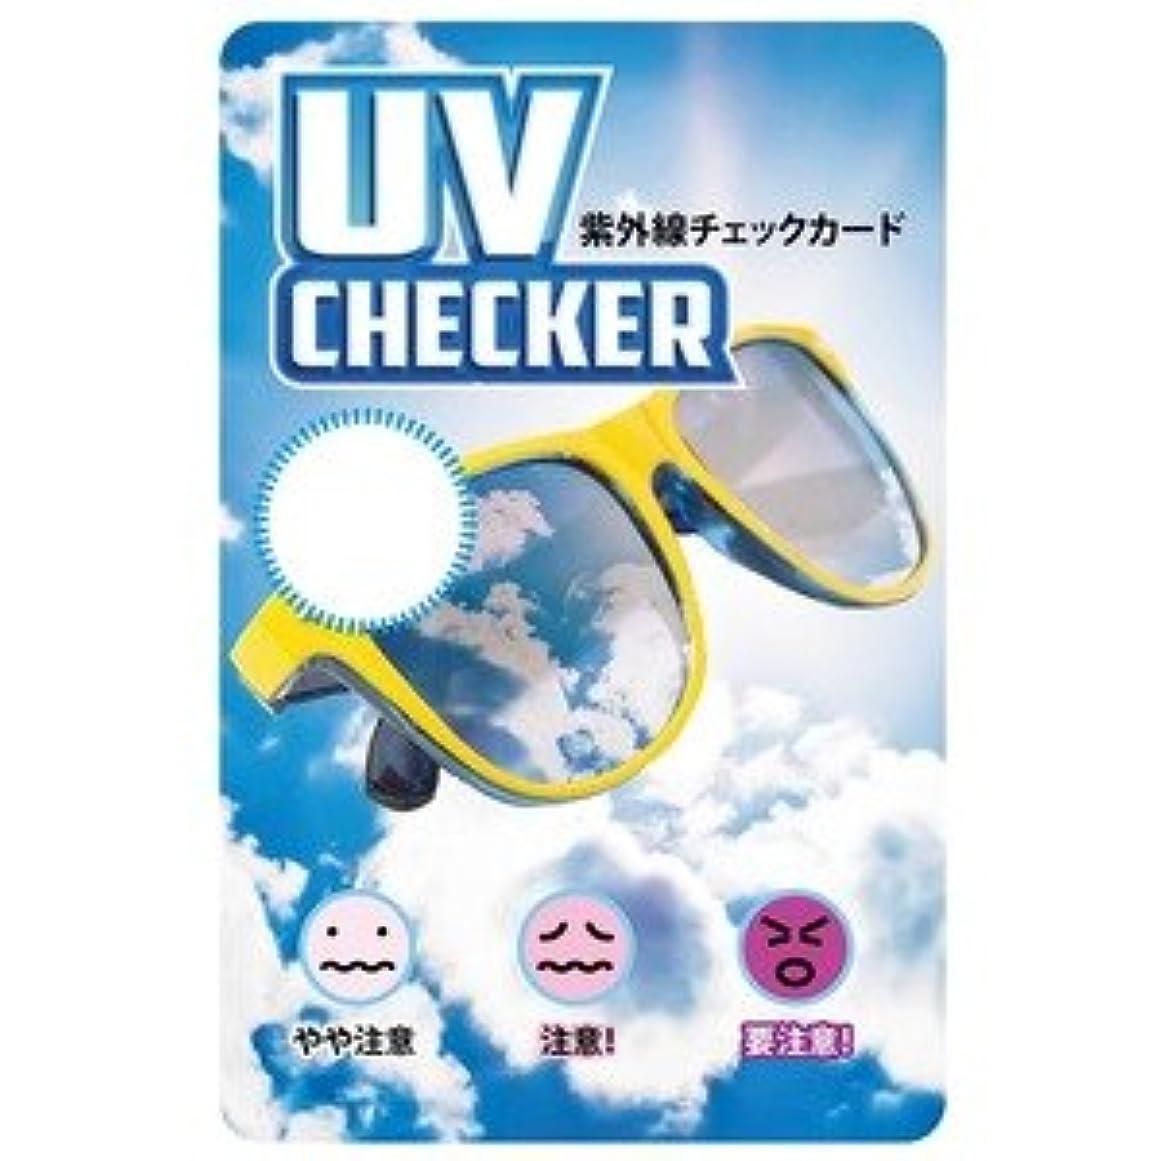 アーク緑増幅紫外線チェックカード?UV6 【100枚セット】 紫外線対策